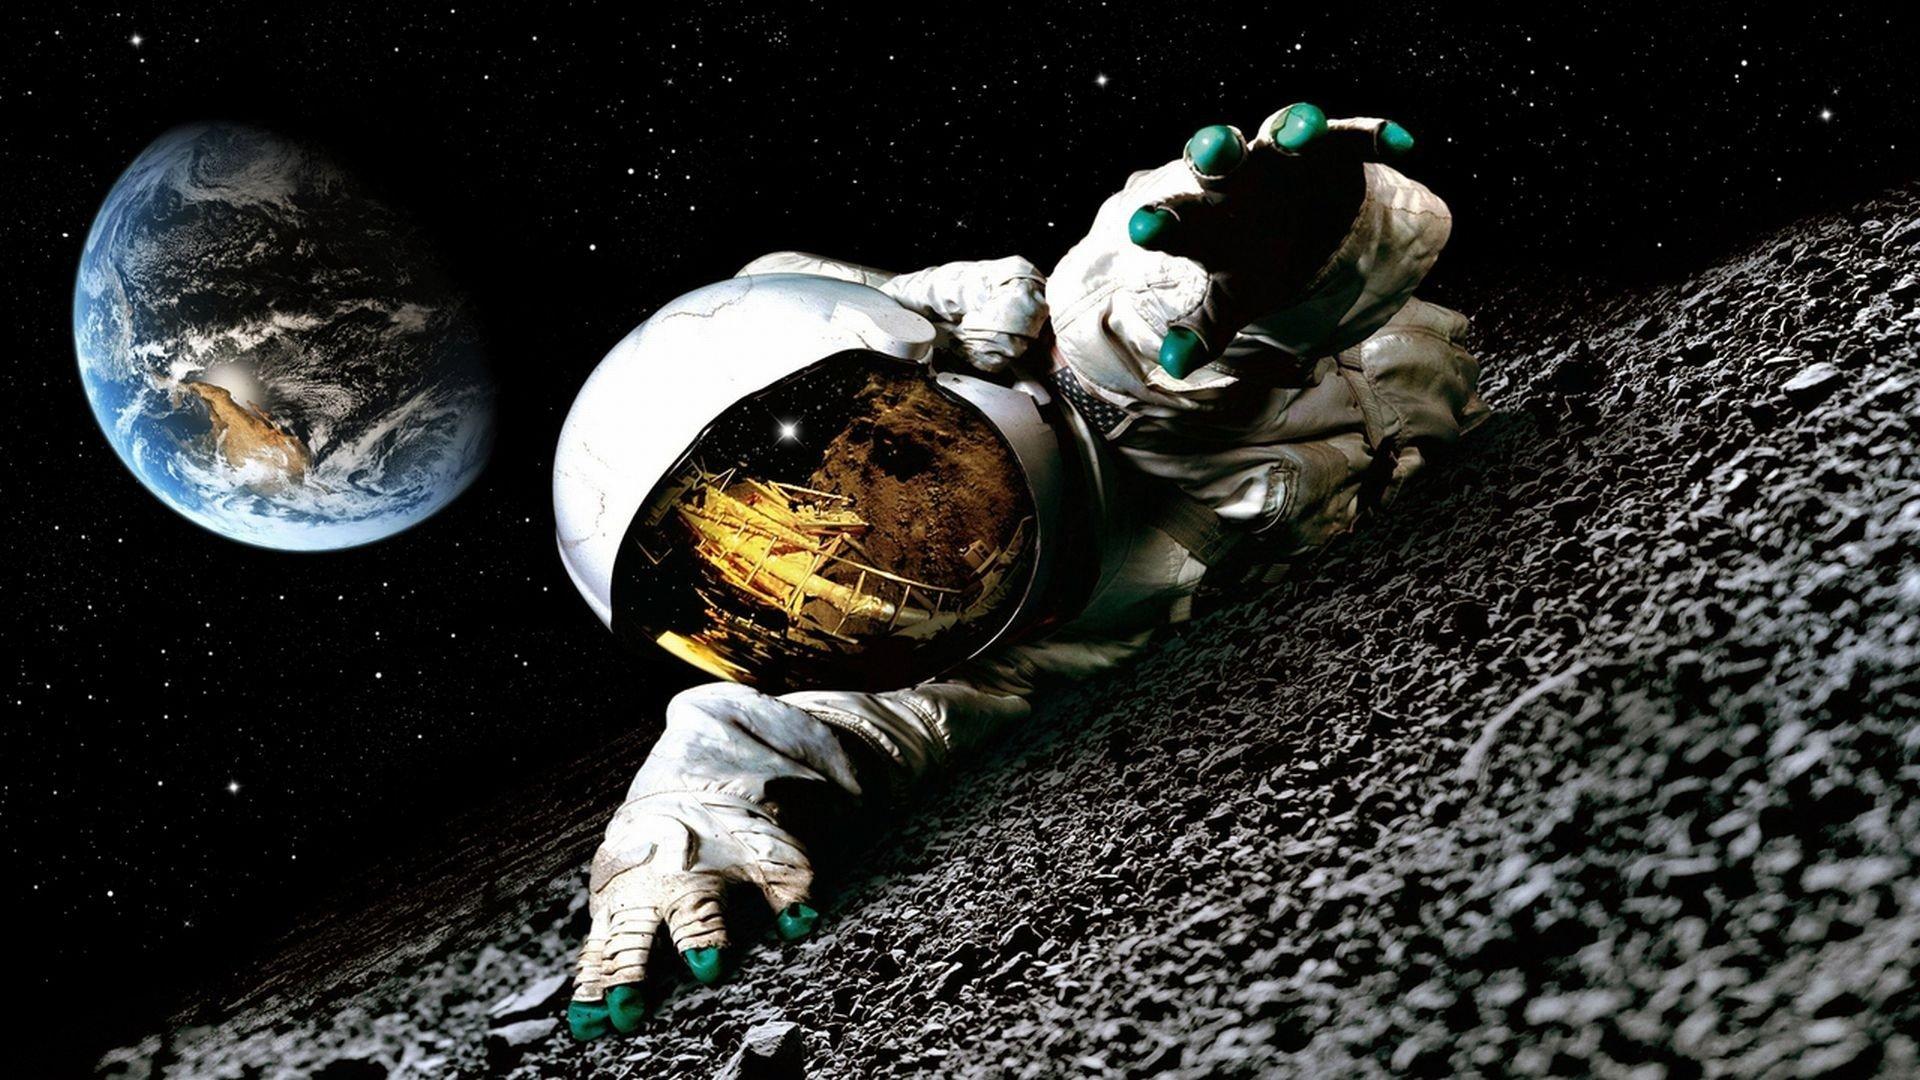 apollo outer space - photo #9